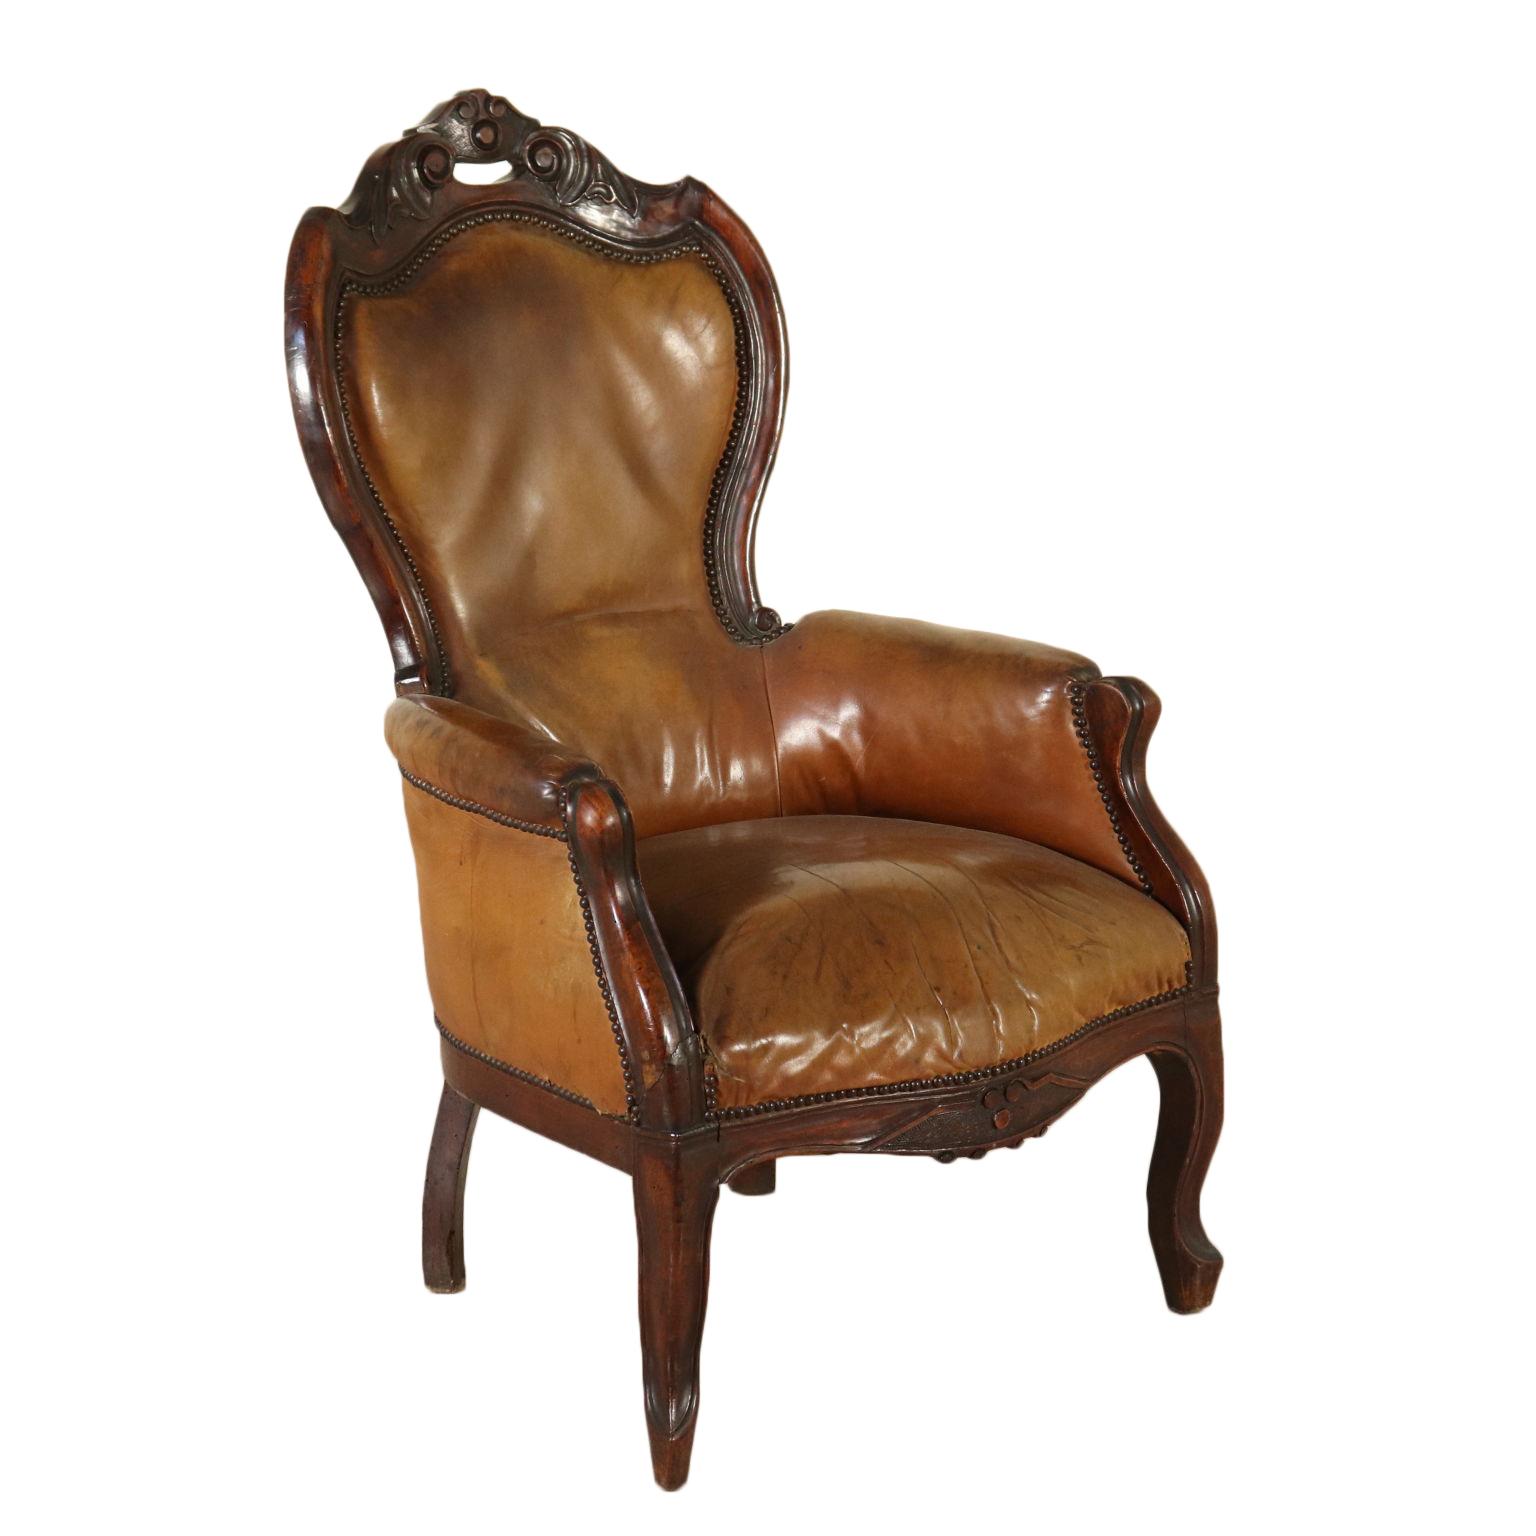 Divano E Poltrone Luigi Filippo poltrona luigi filippo - sedie poltrone divani